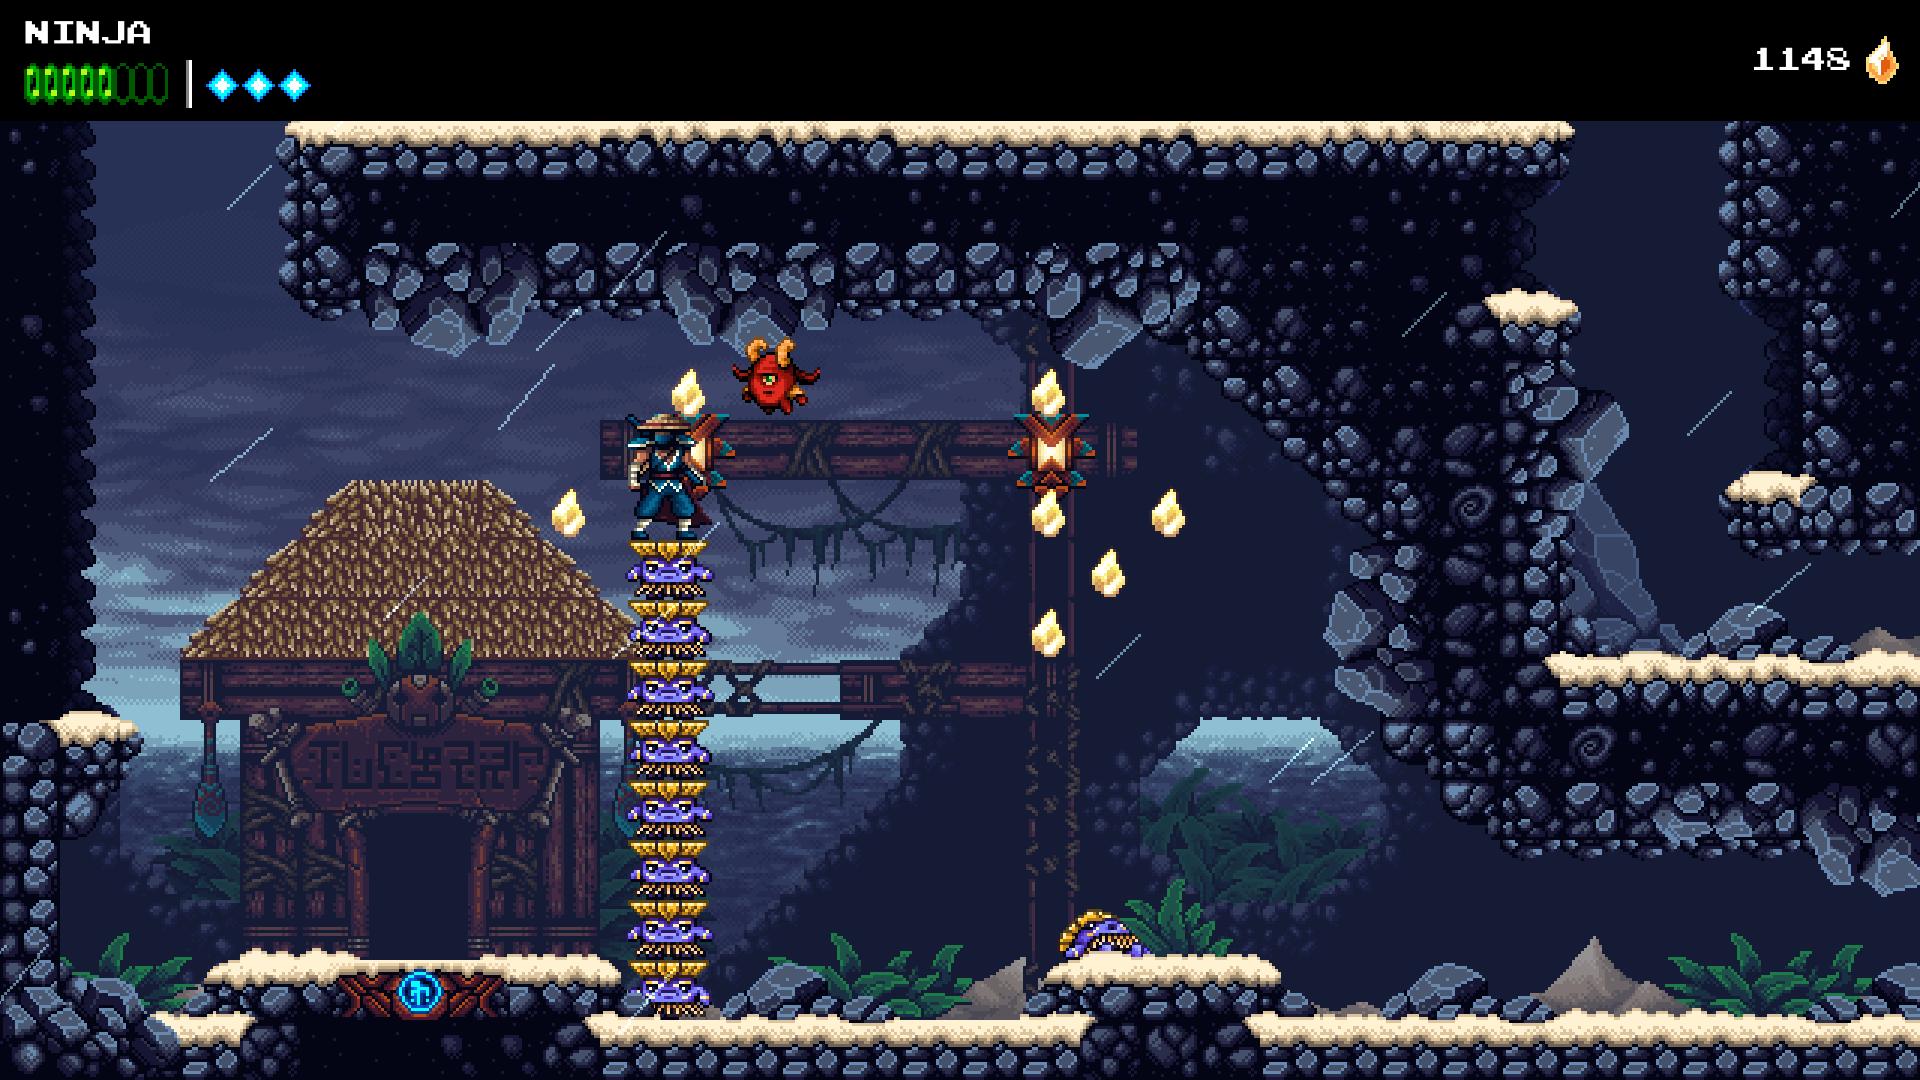 Passer dans un portail temporel fera passer le jeu du mode 8 à 16 bits et vice-versa